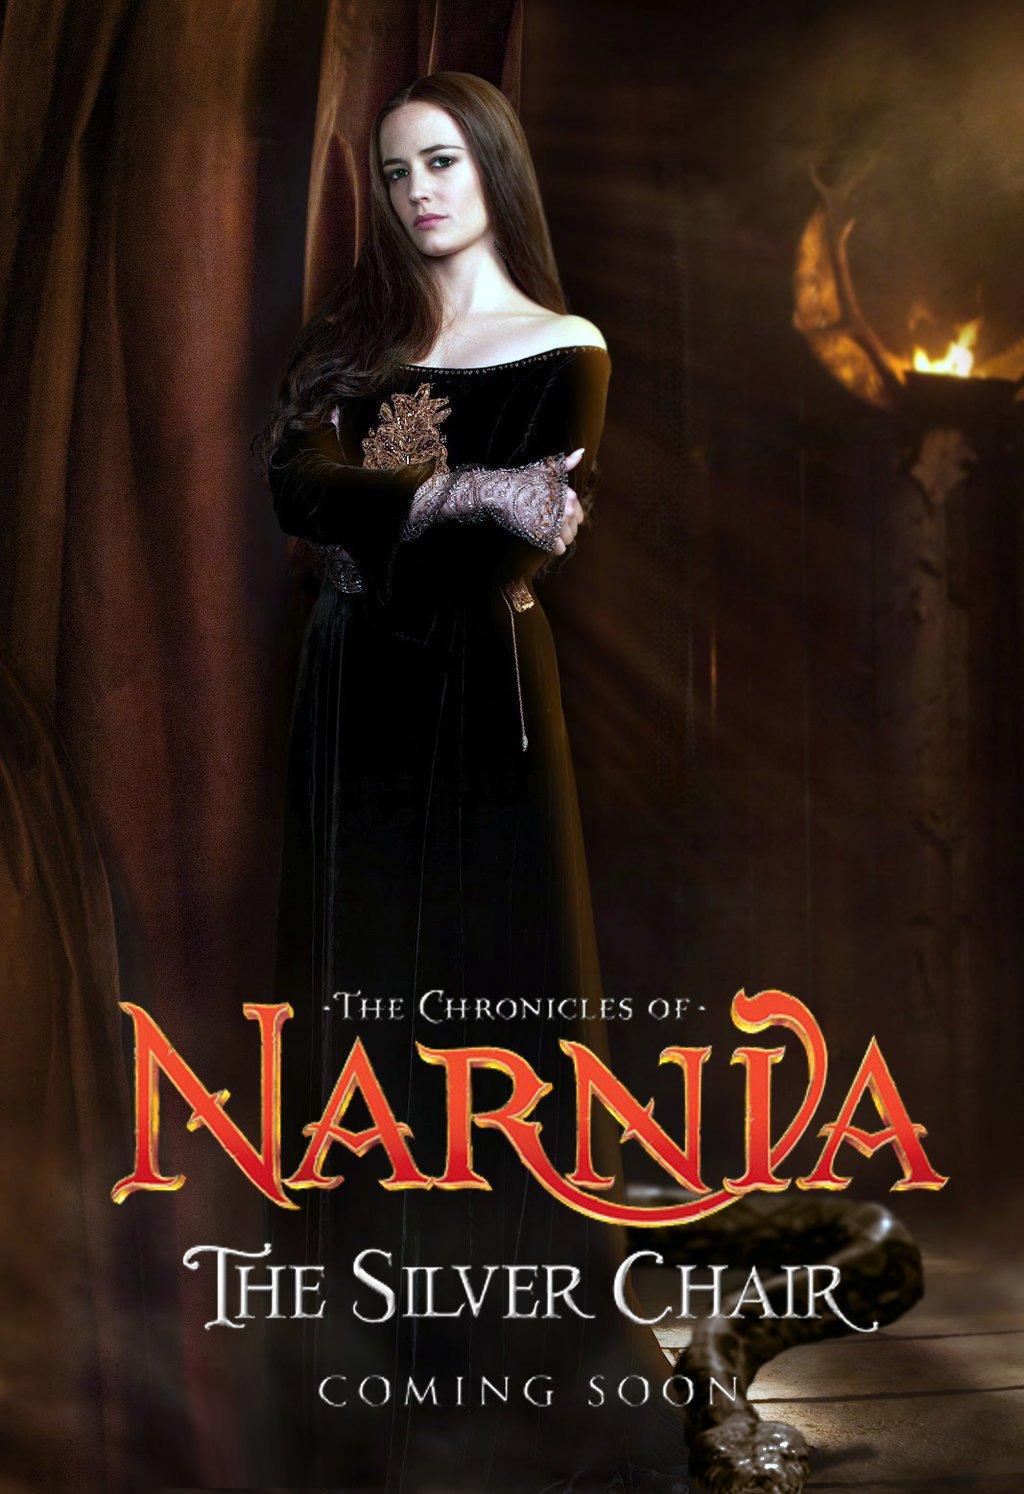 Die Chroniken von Narnia Der silberne Sessel 2017